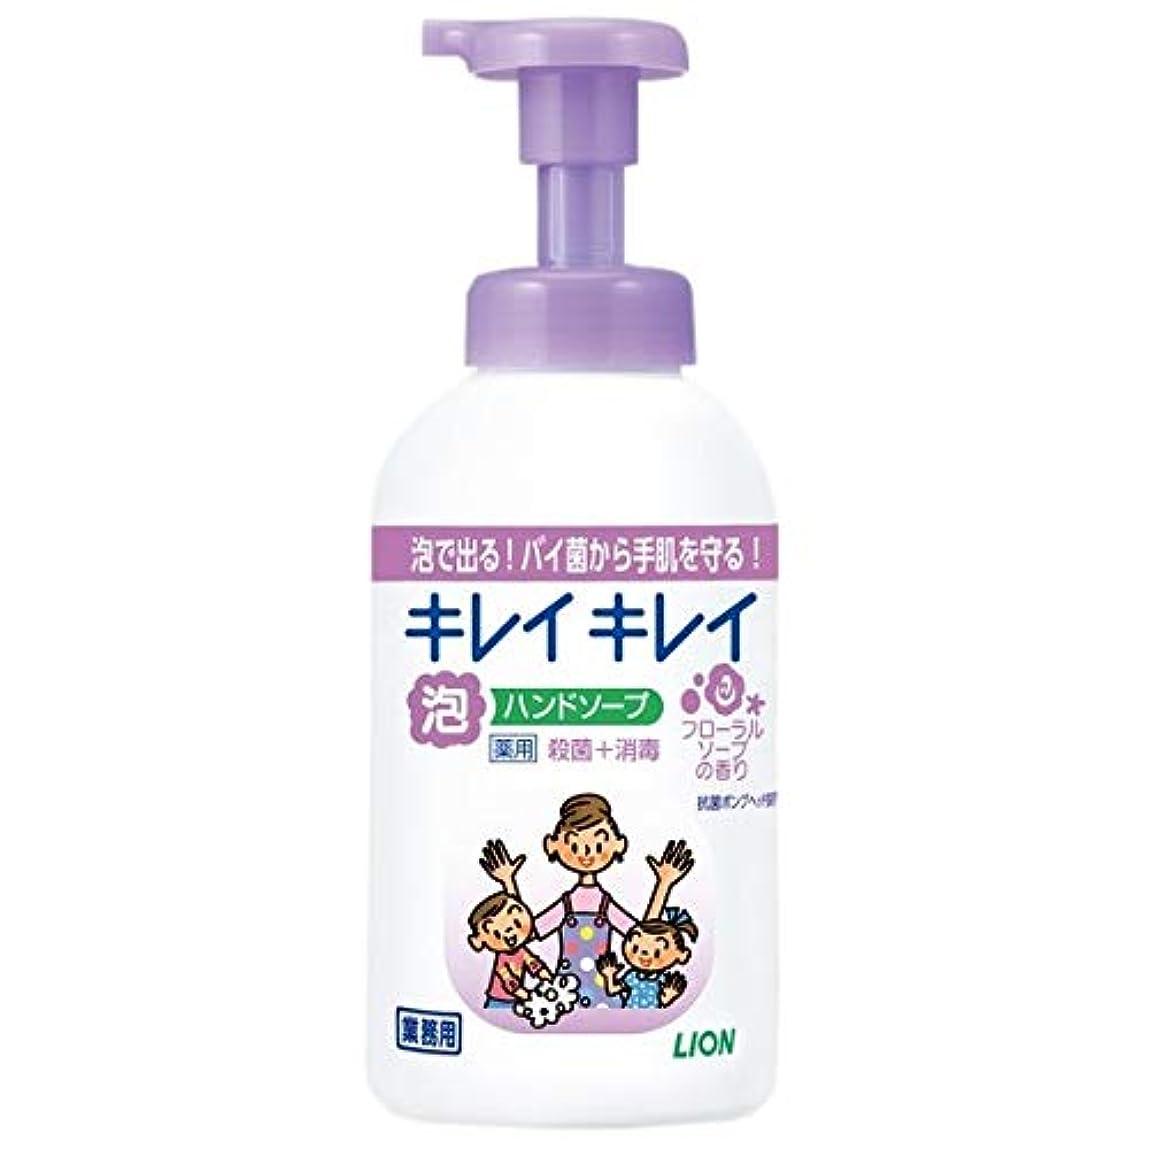 意図サイレンパシフィックライオン キレイキレイ 薬用泡ハンドソープ フローラルソープの香り 業務用 550ml 1セット(12本)